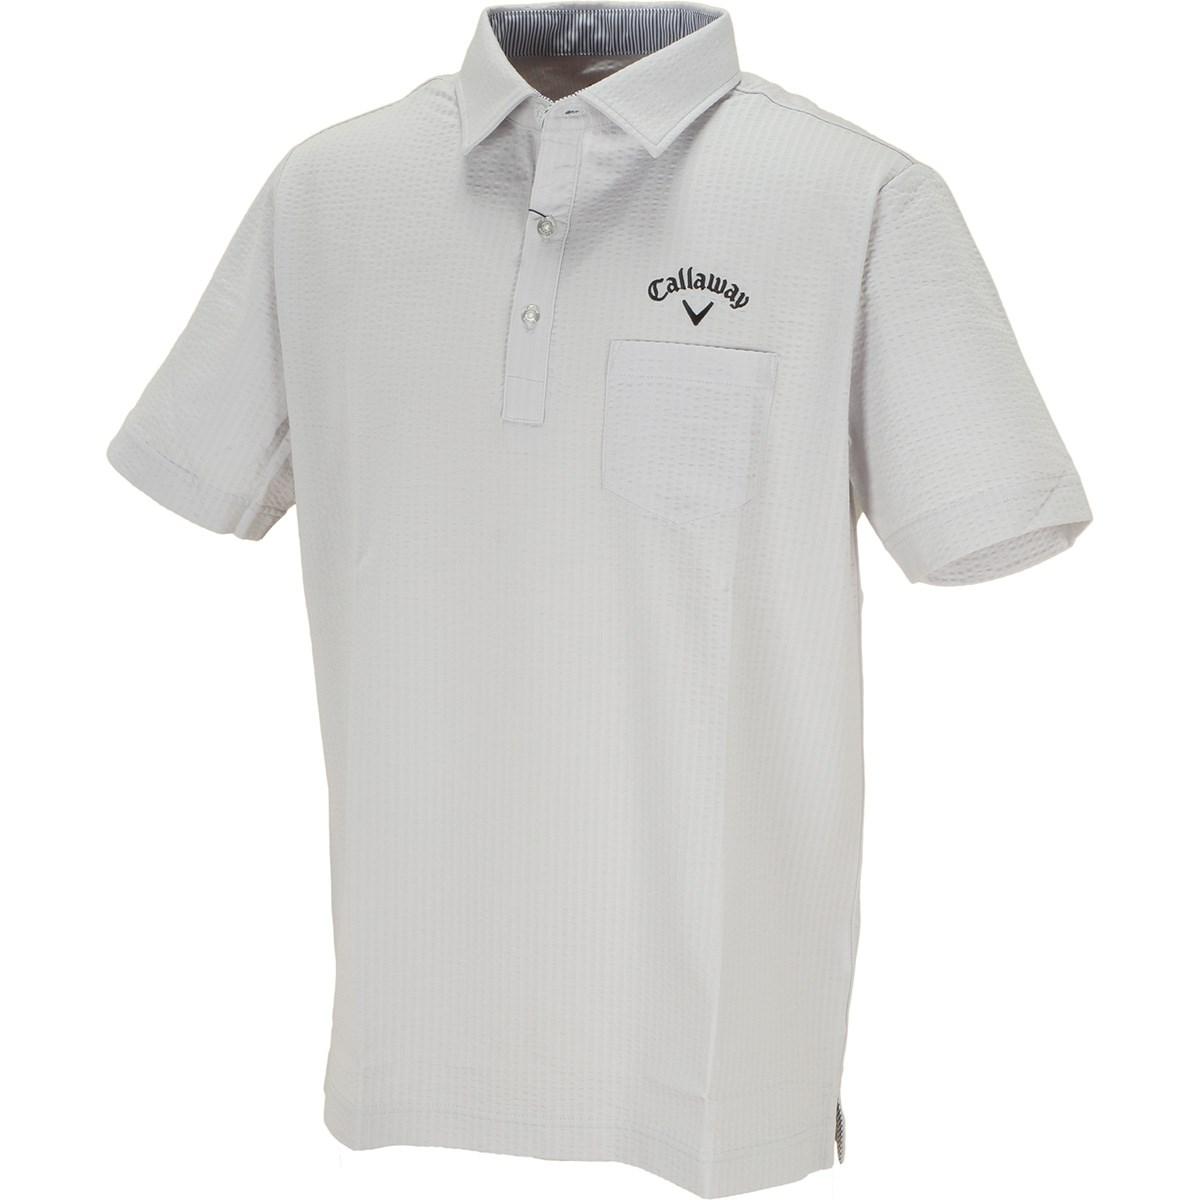 キャロウェイゴルフ(Callaway Golf) サッカーストライプ 半袖ポロシャツ